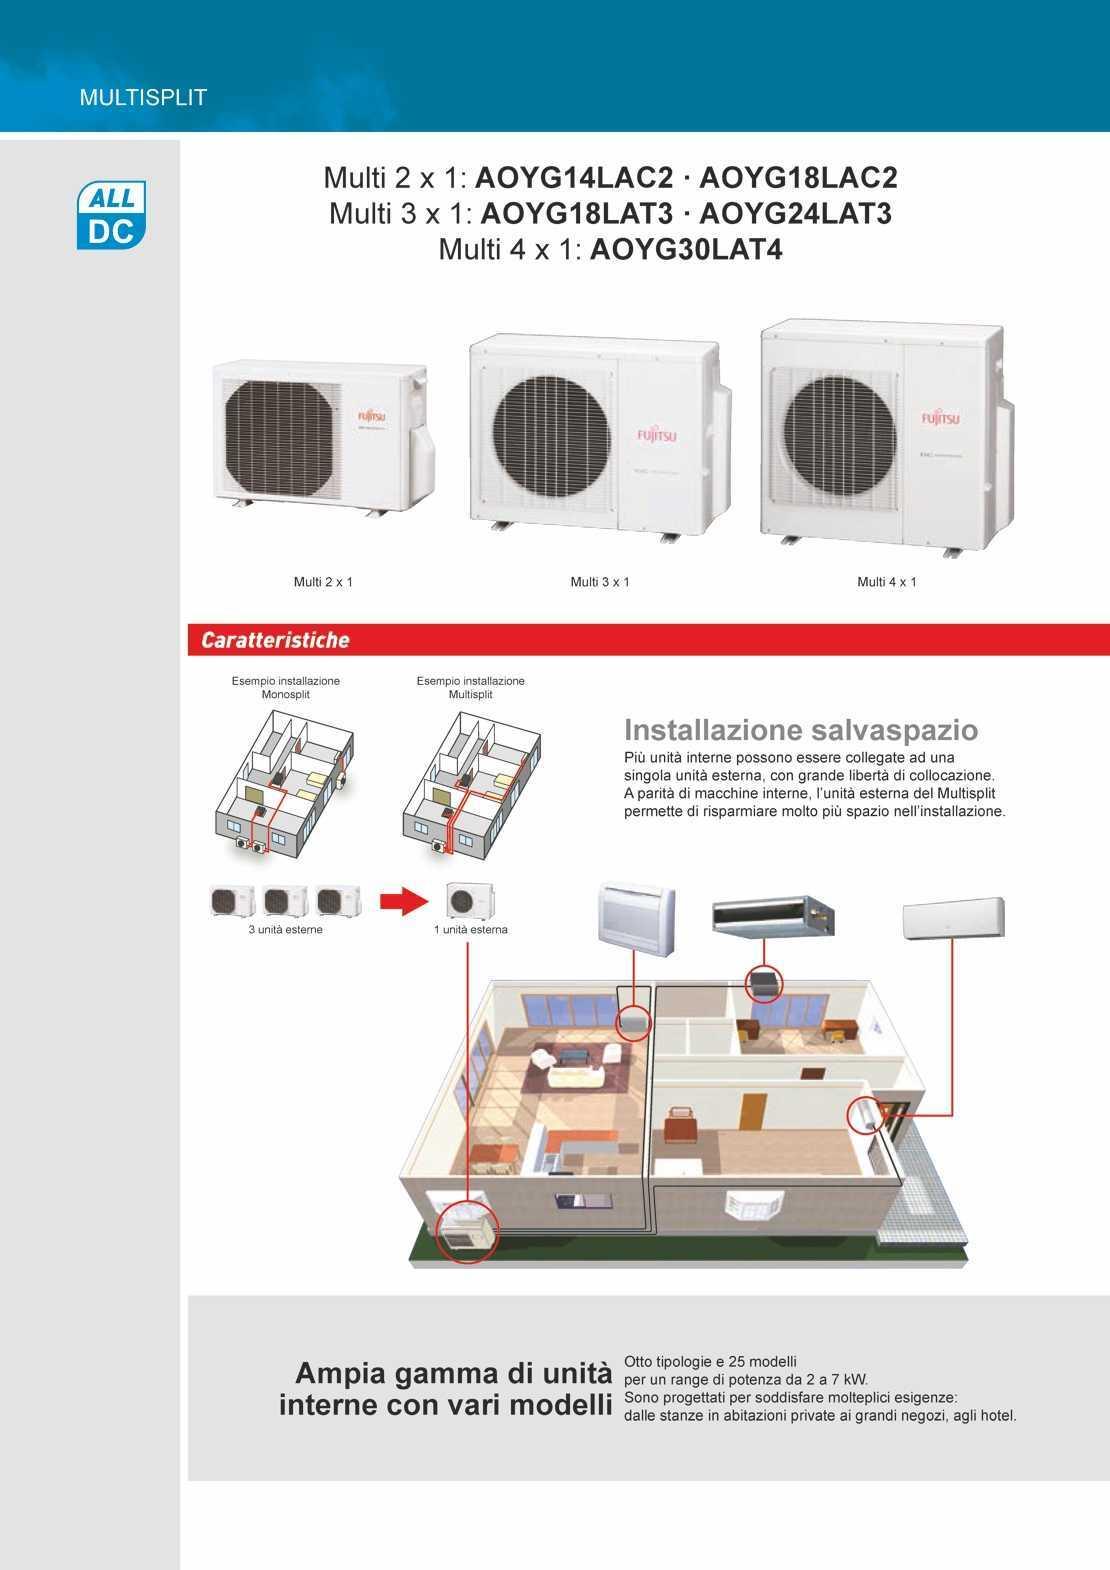 Fujitsu Esterne Multi Split AOYG